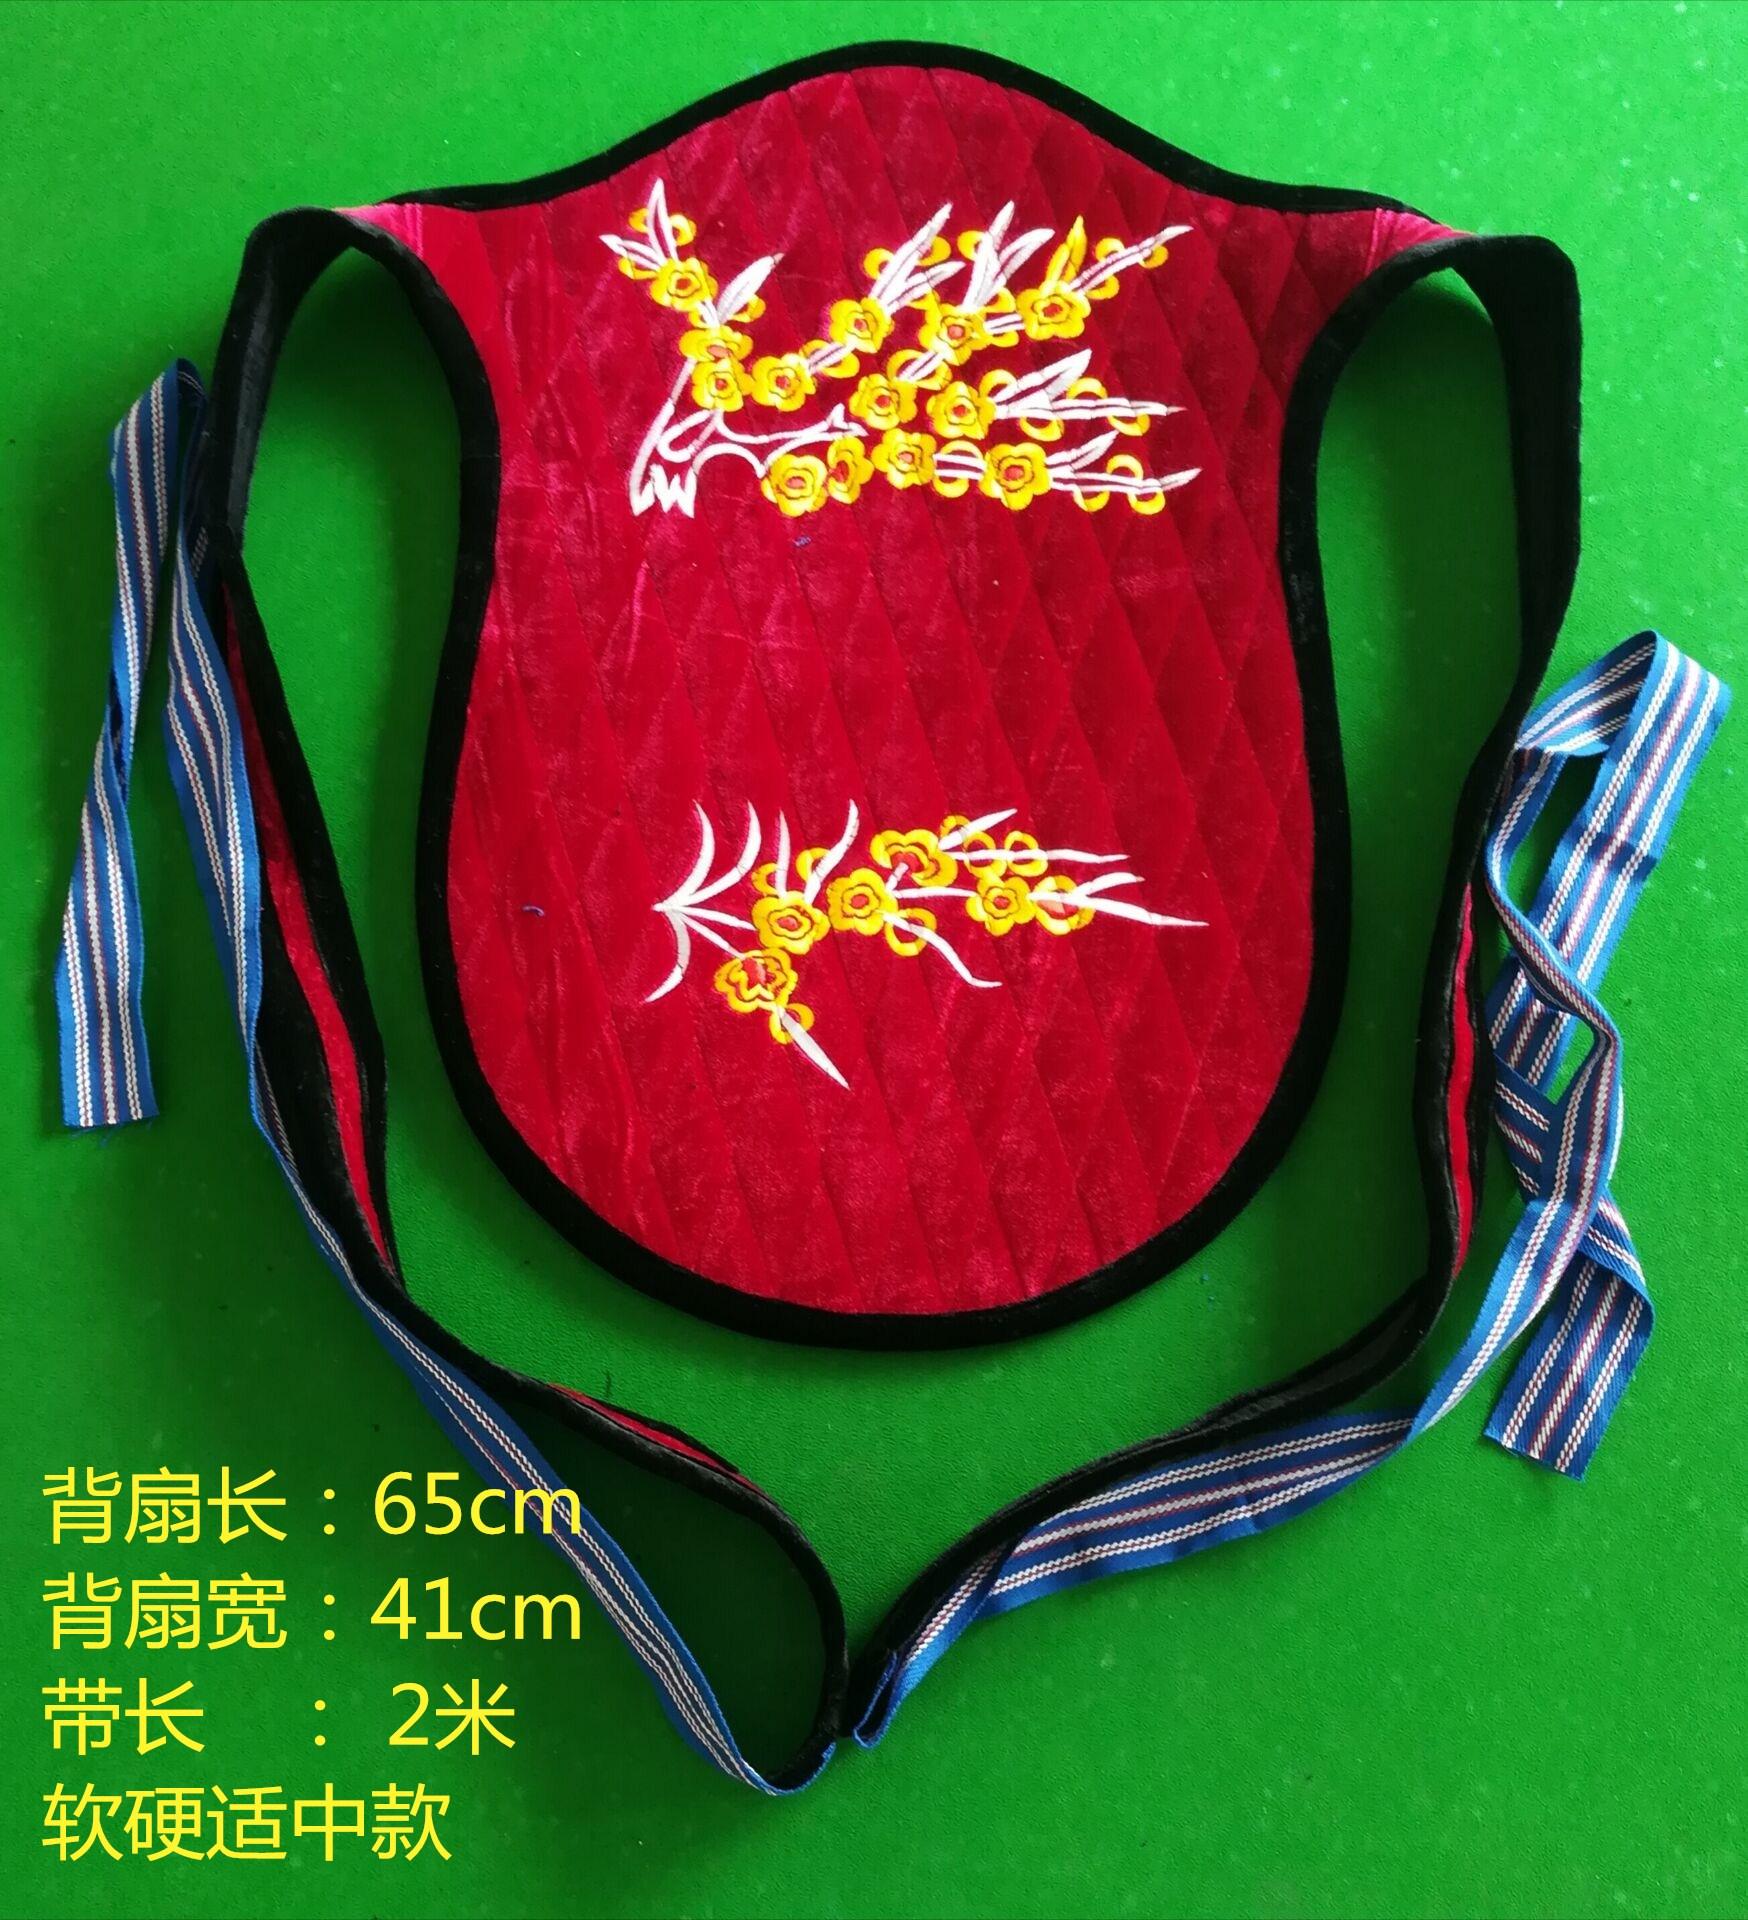 云南贵州四川背扇新生儿老式传统背扇背宝宝婴儿小孩的背带四季